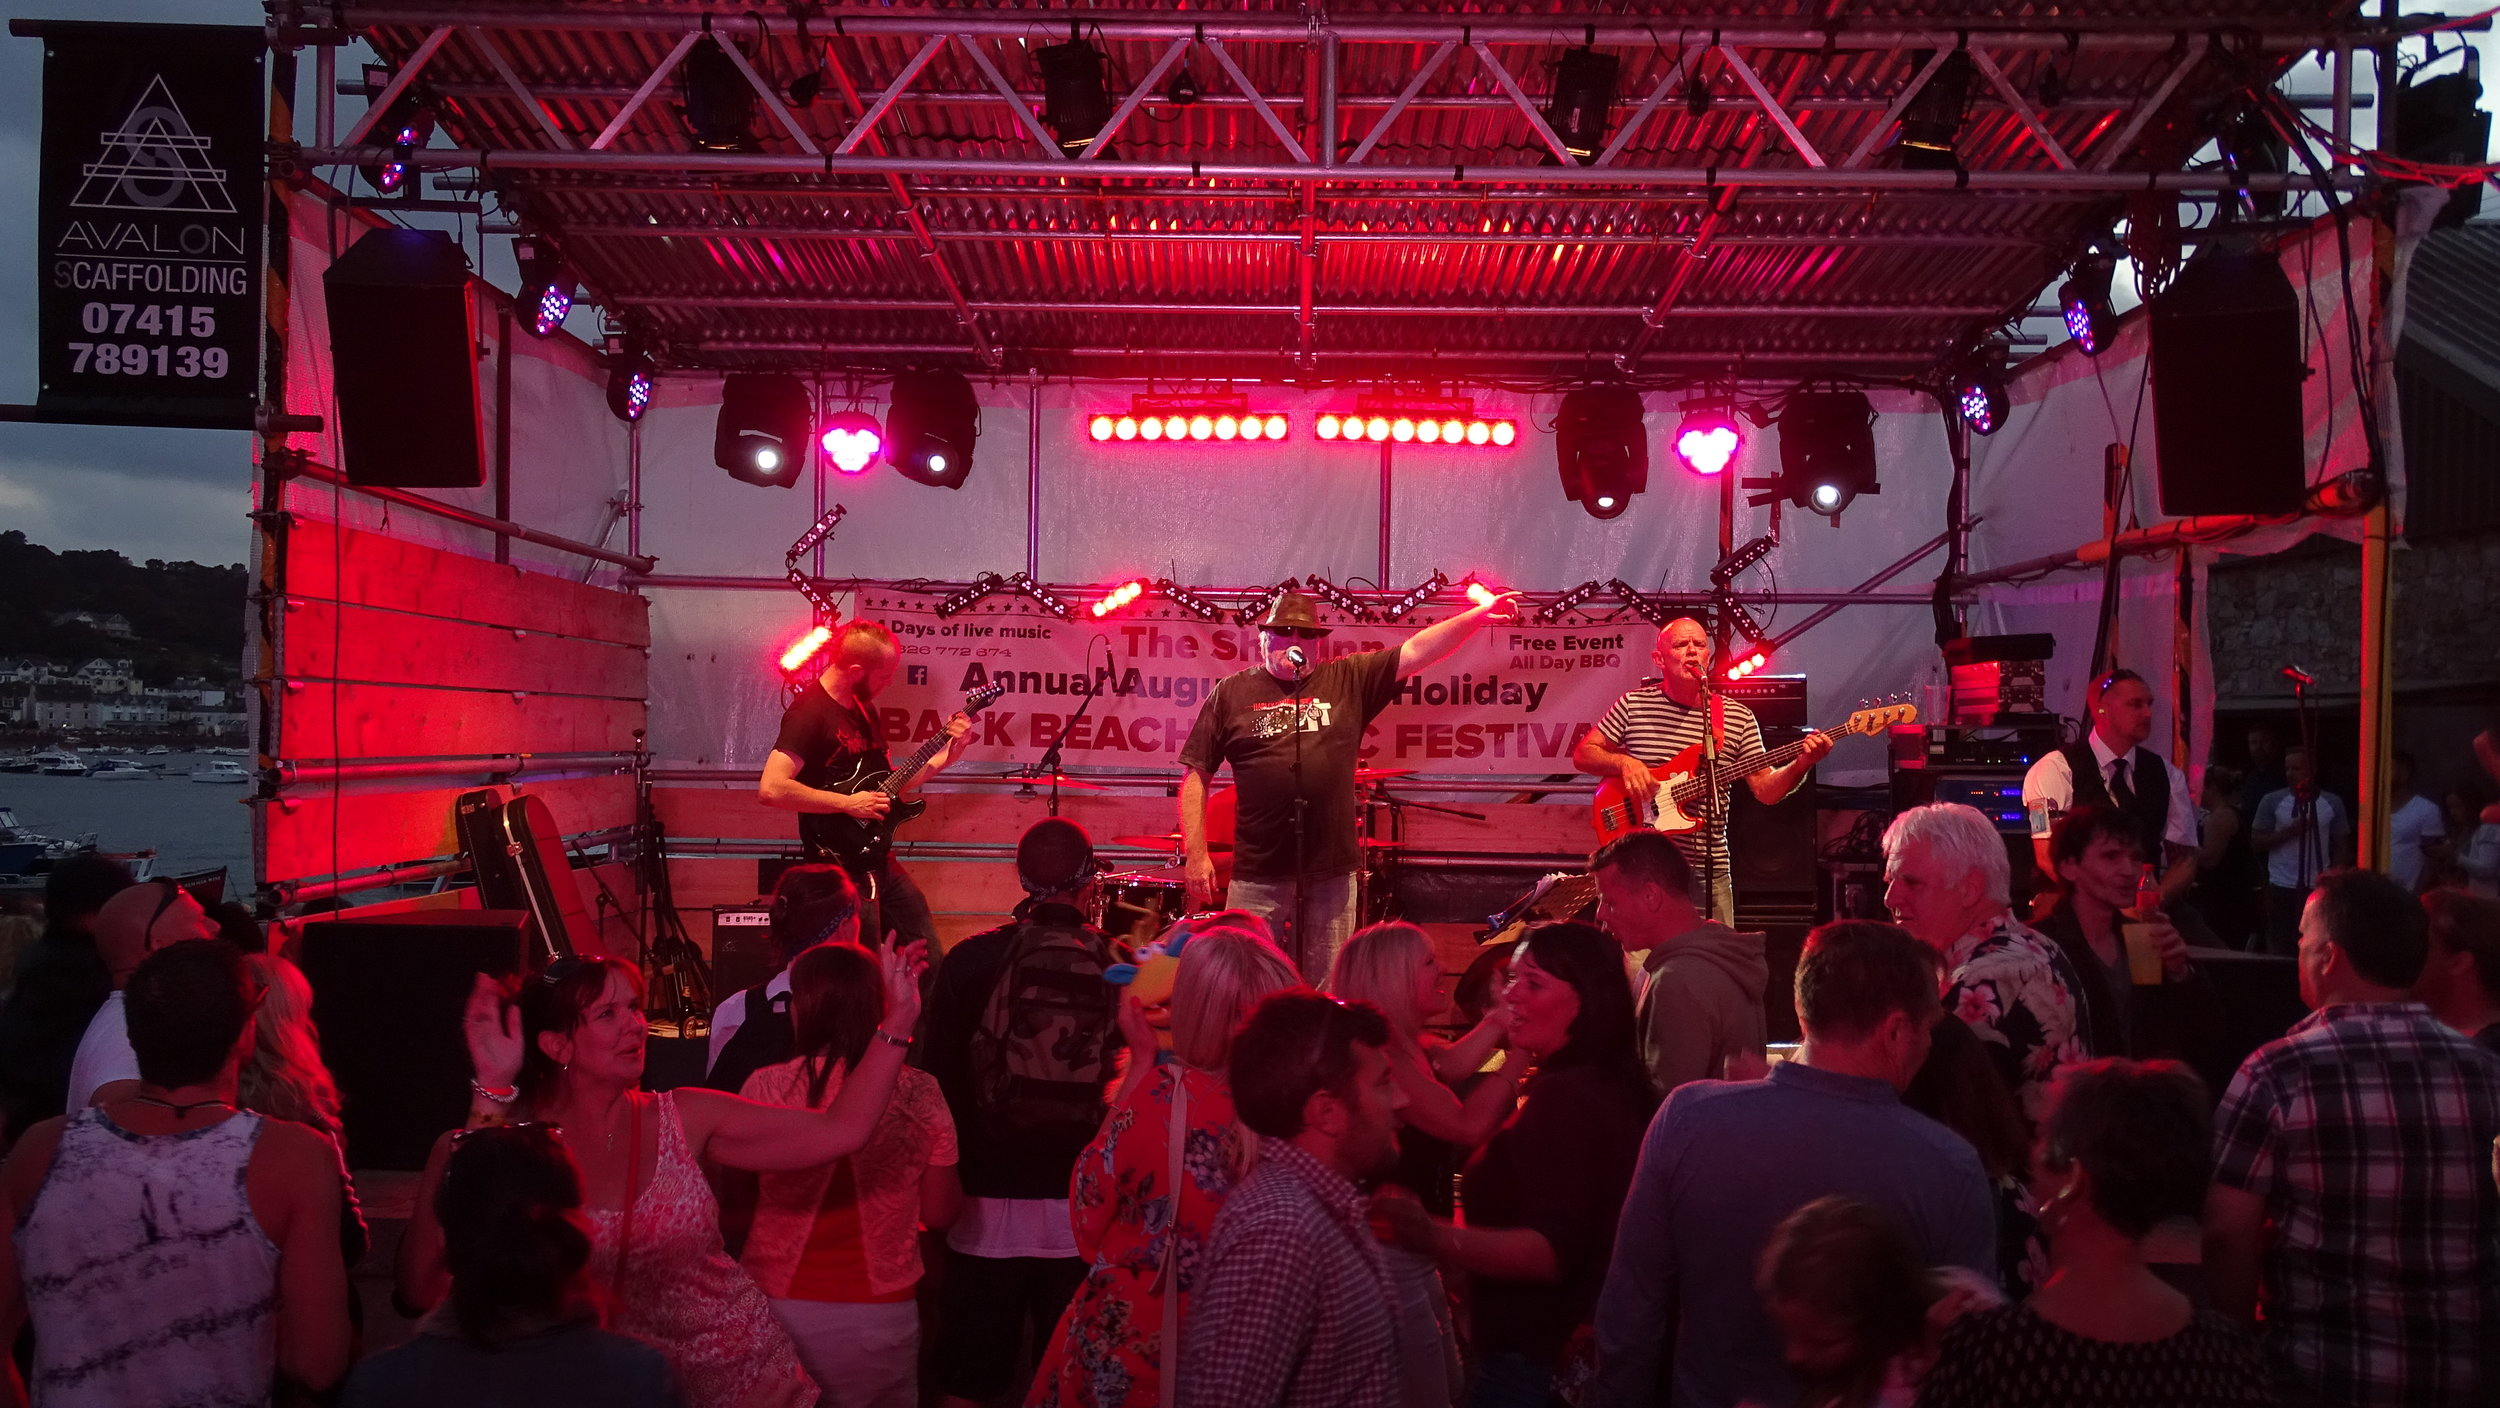 The ship inn music festival p2 012.JPG